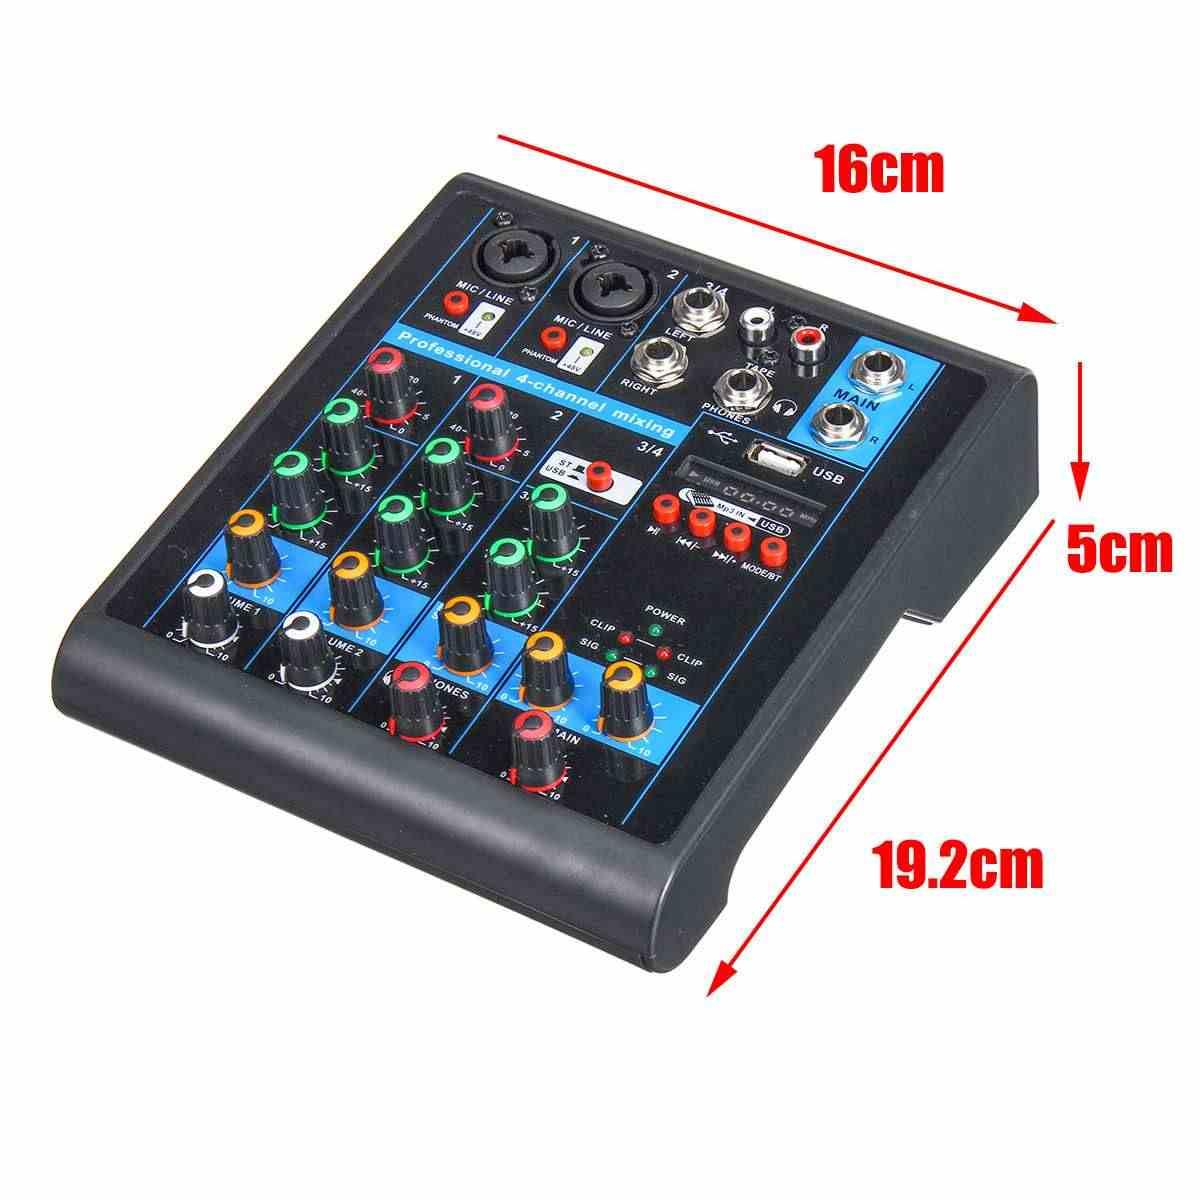 ミニ 4 チャンネルオーディオミキサー USB bluetooth MP3 ライブスタジオ Dj サウンドミキシングコンソールカラオケコンピュータ 48 48v ファンタム電源 ktv